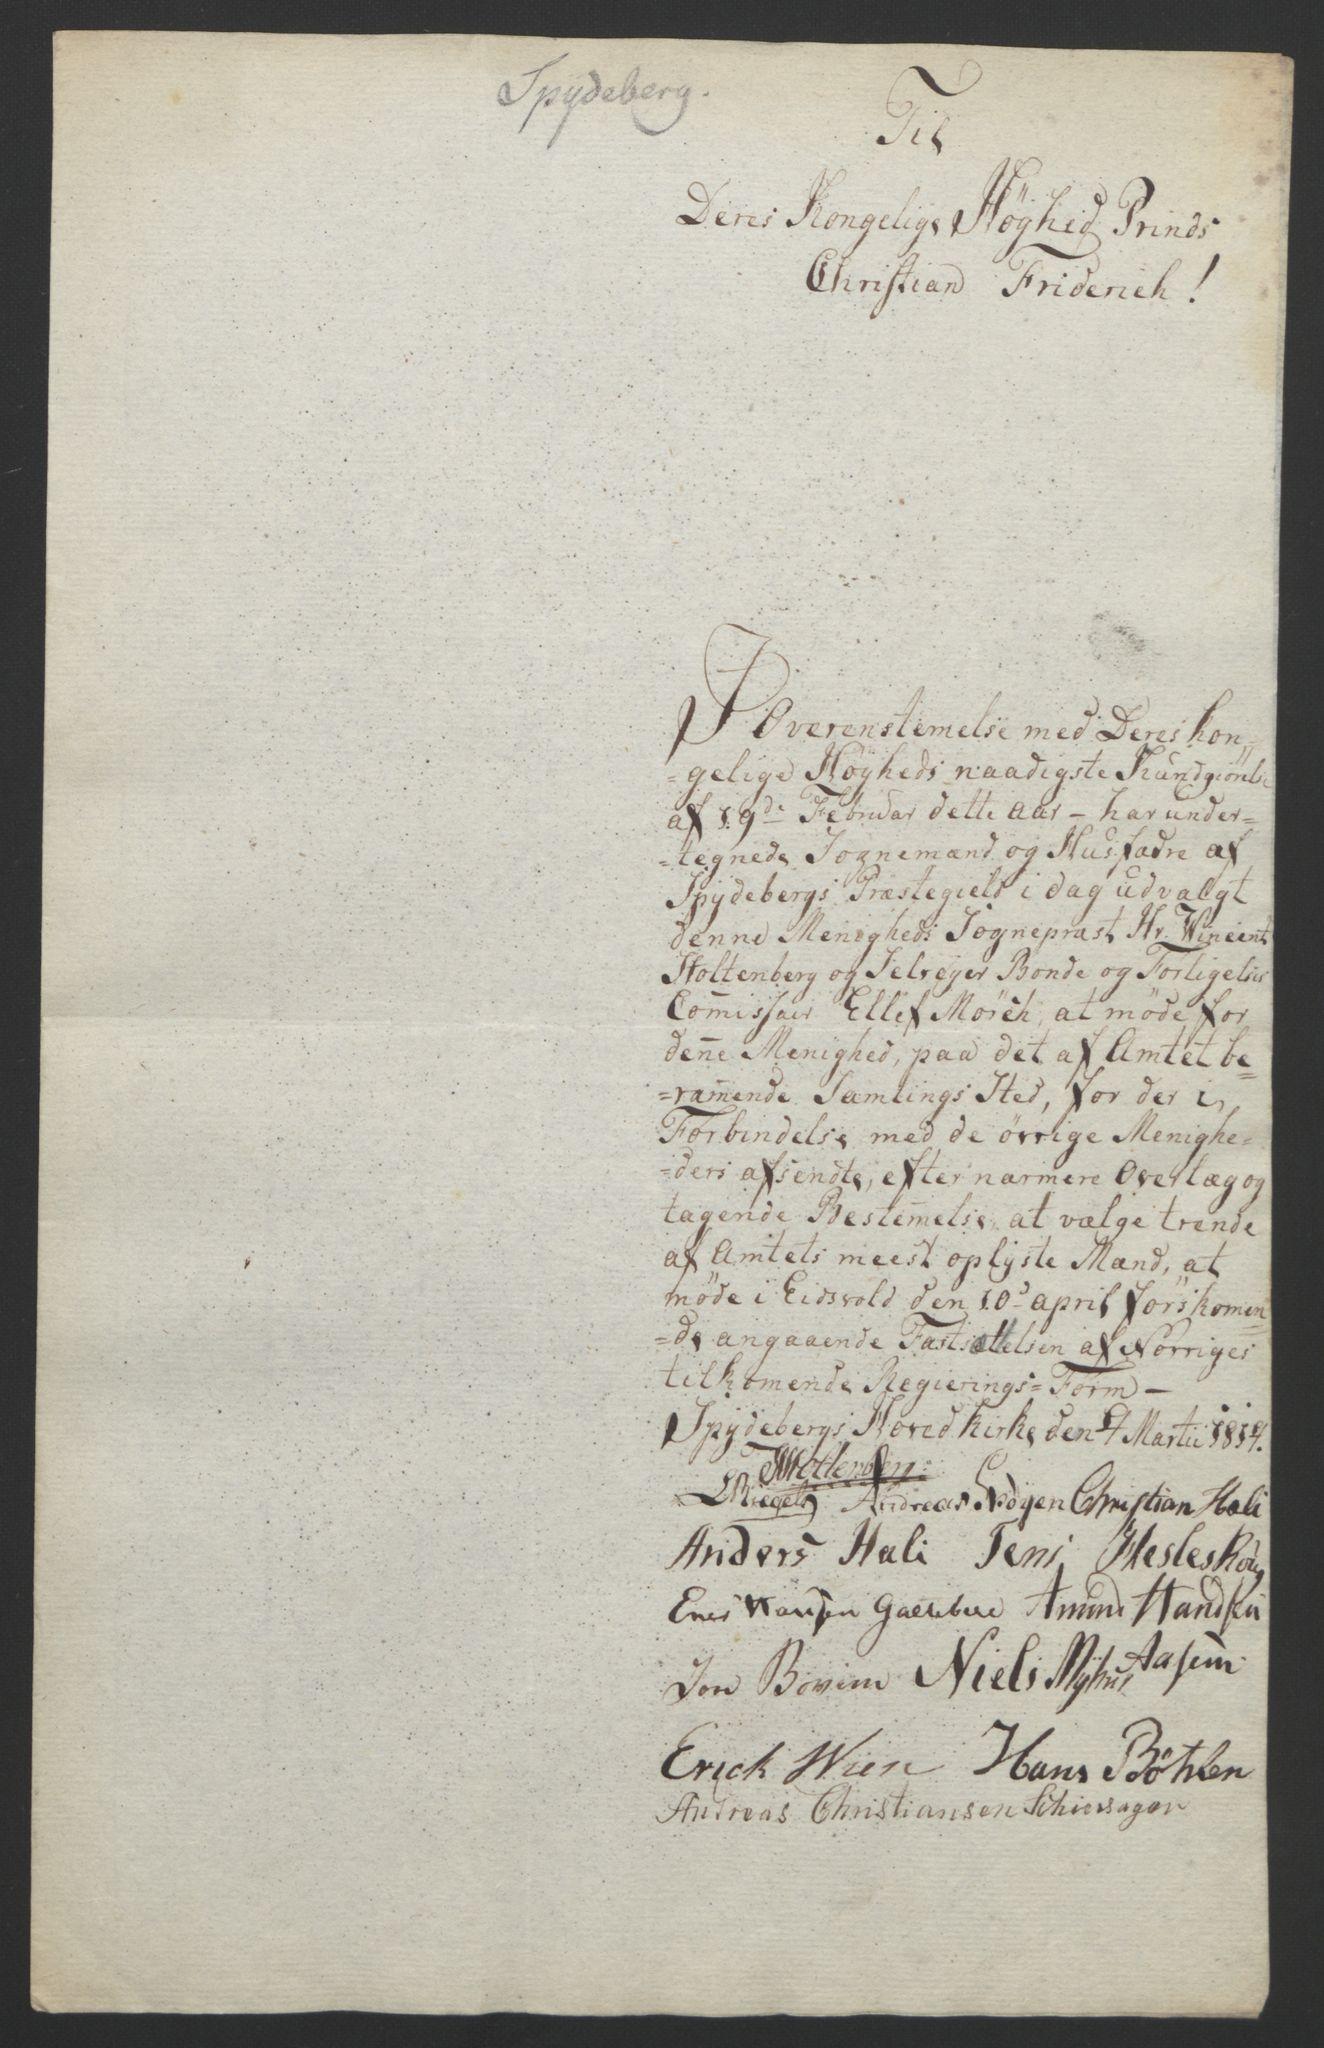 RA, Statsrådssekretariatet, D/Db/L0007: Fullmakter for Eidsvollsrepresentantene i 1814. , 1814, s. 166